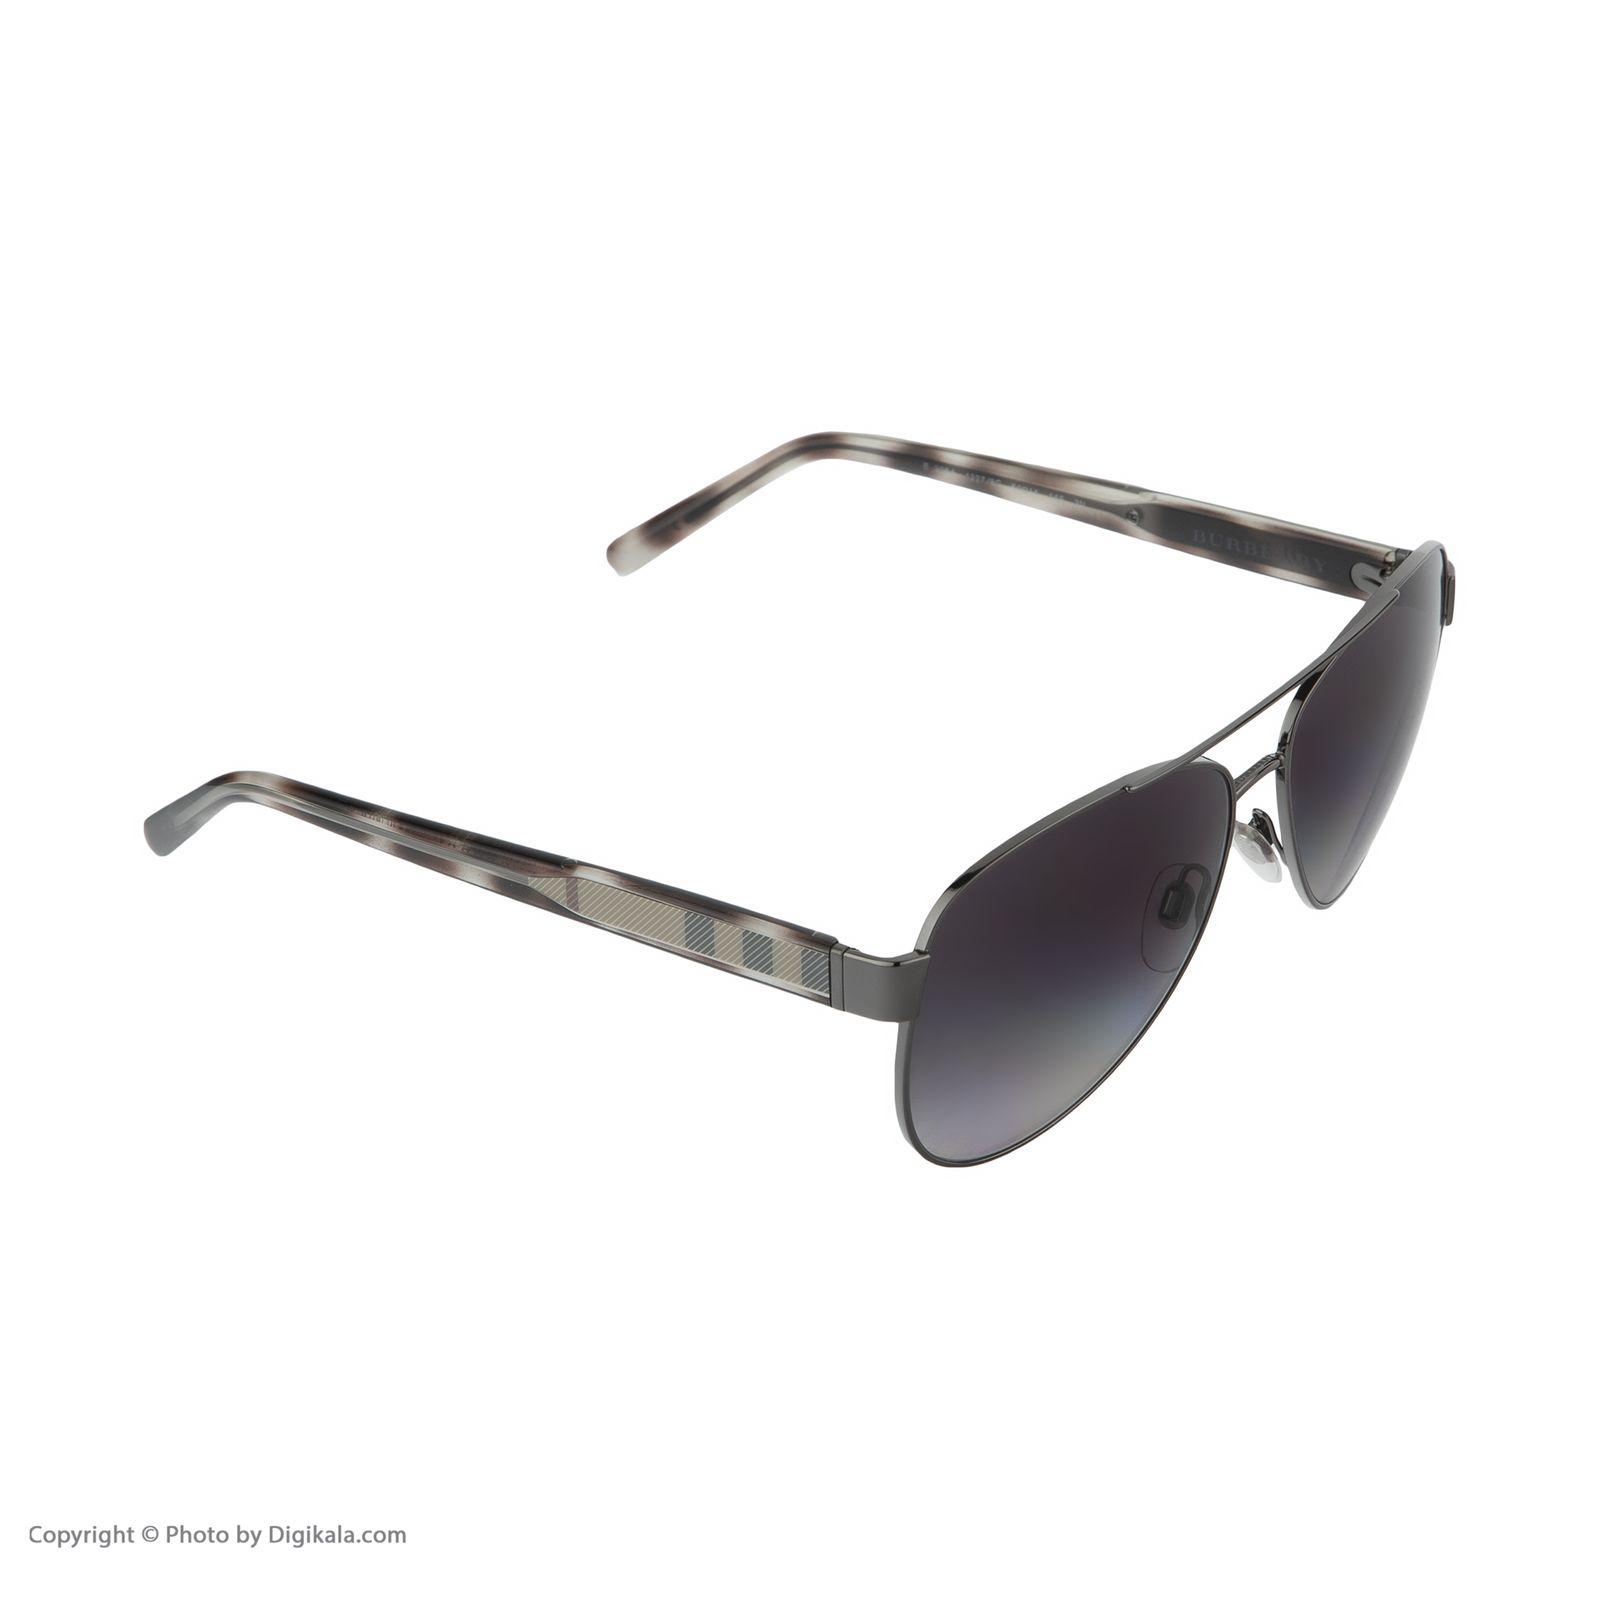 عینک آفتابی زنانه بربری مدل BE 3084S 12278G 60 -  - 6